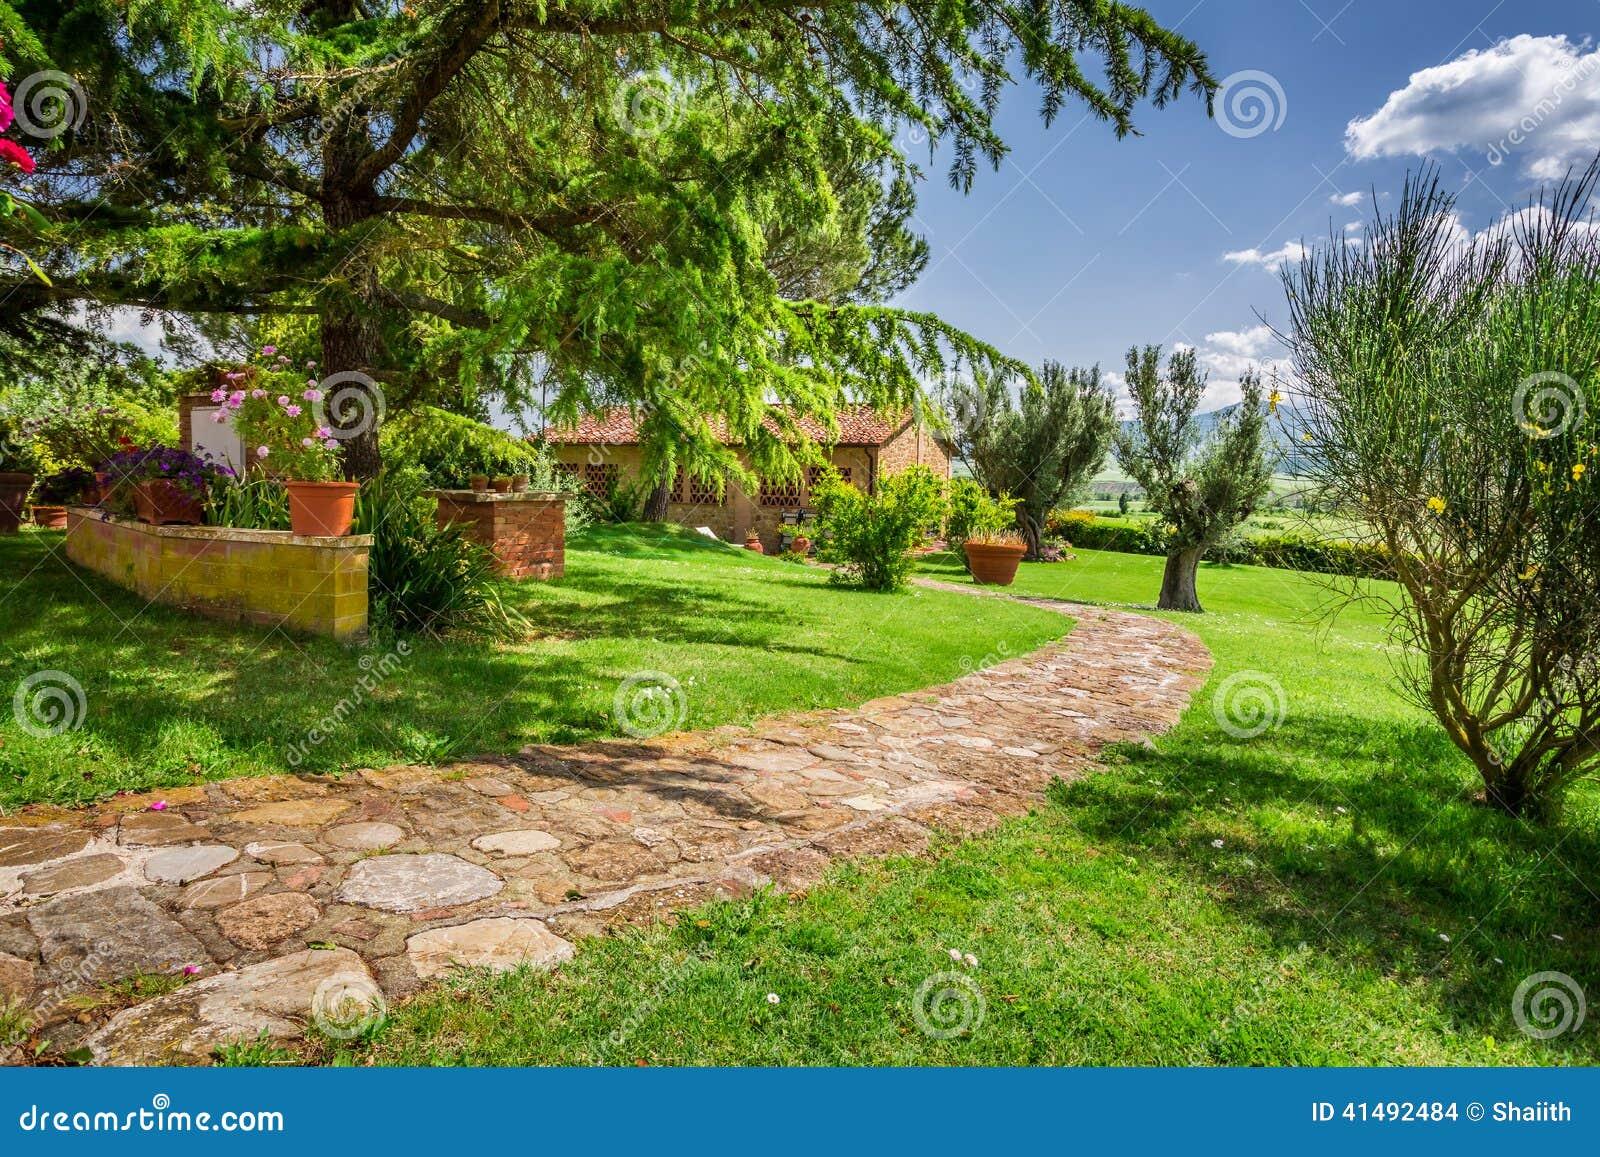 Camino de piedra a la casa de campo toscana foto de - Casa rural en la toscana ...